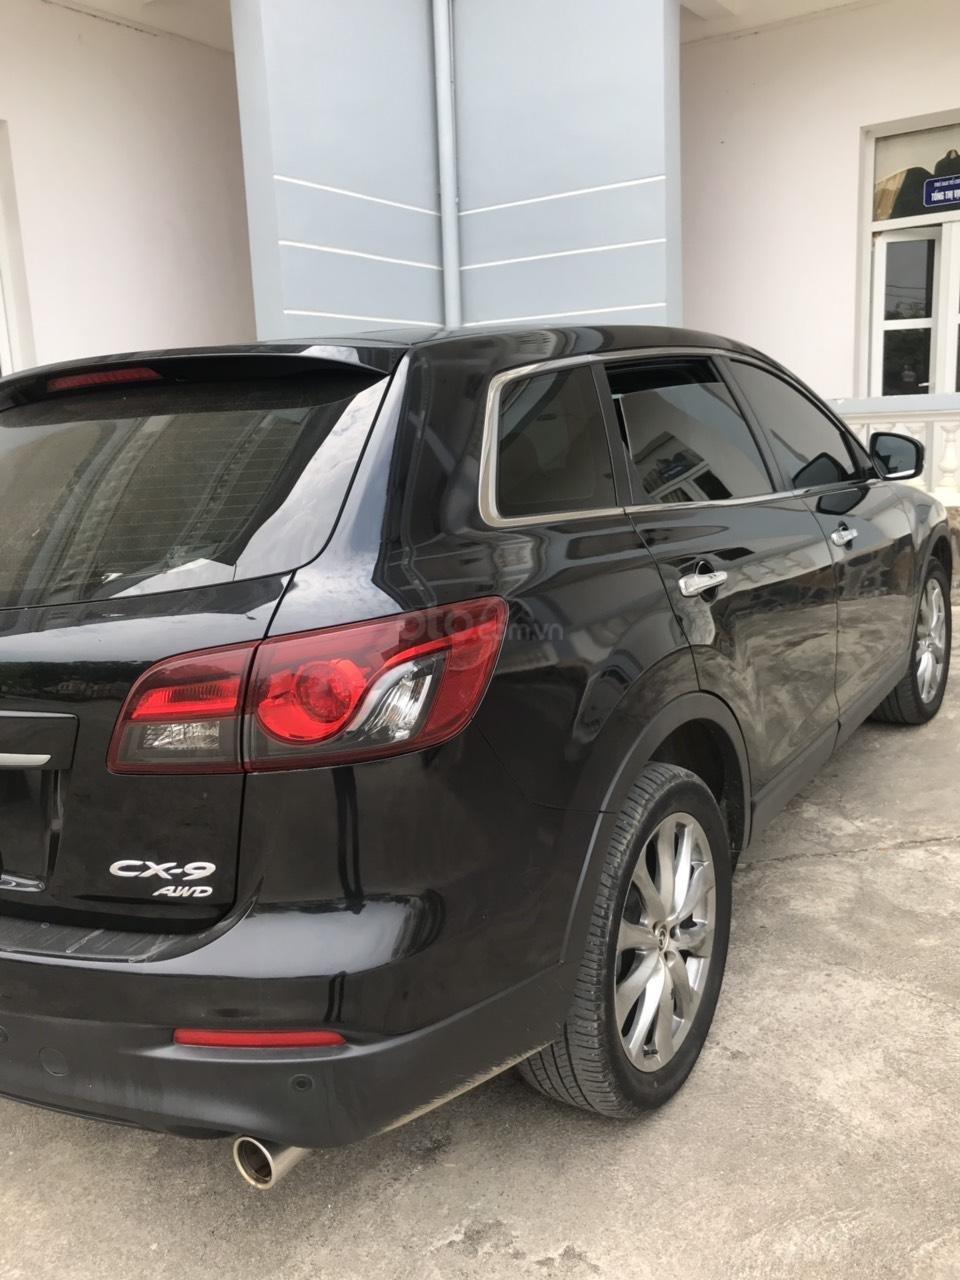 Bán Mazda CX9 màu đen, nhập khẩu Nhật Bản, sản xuất 2015, đăng ký 2016 tên tư nhân (5)